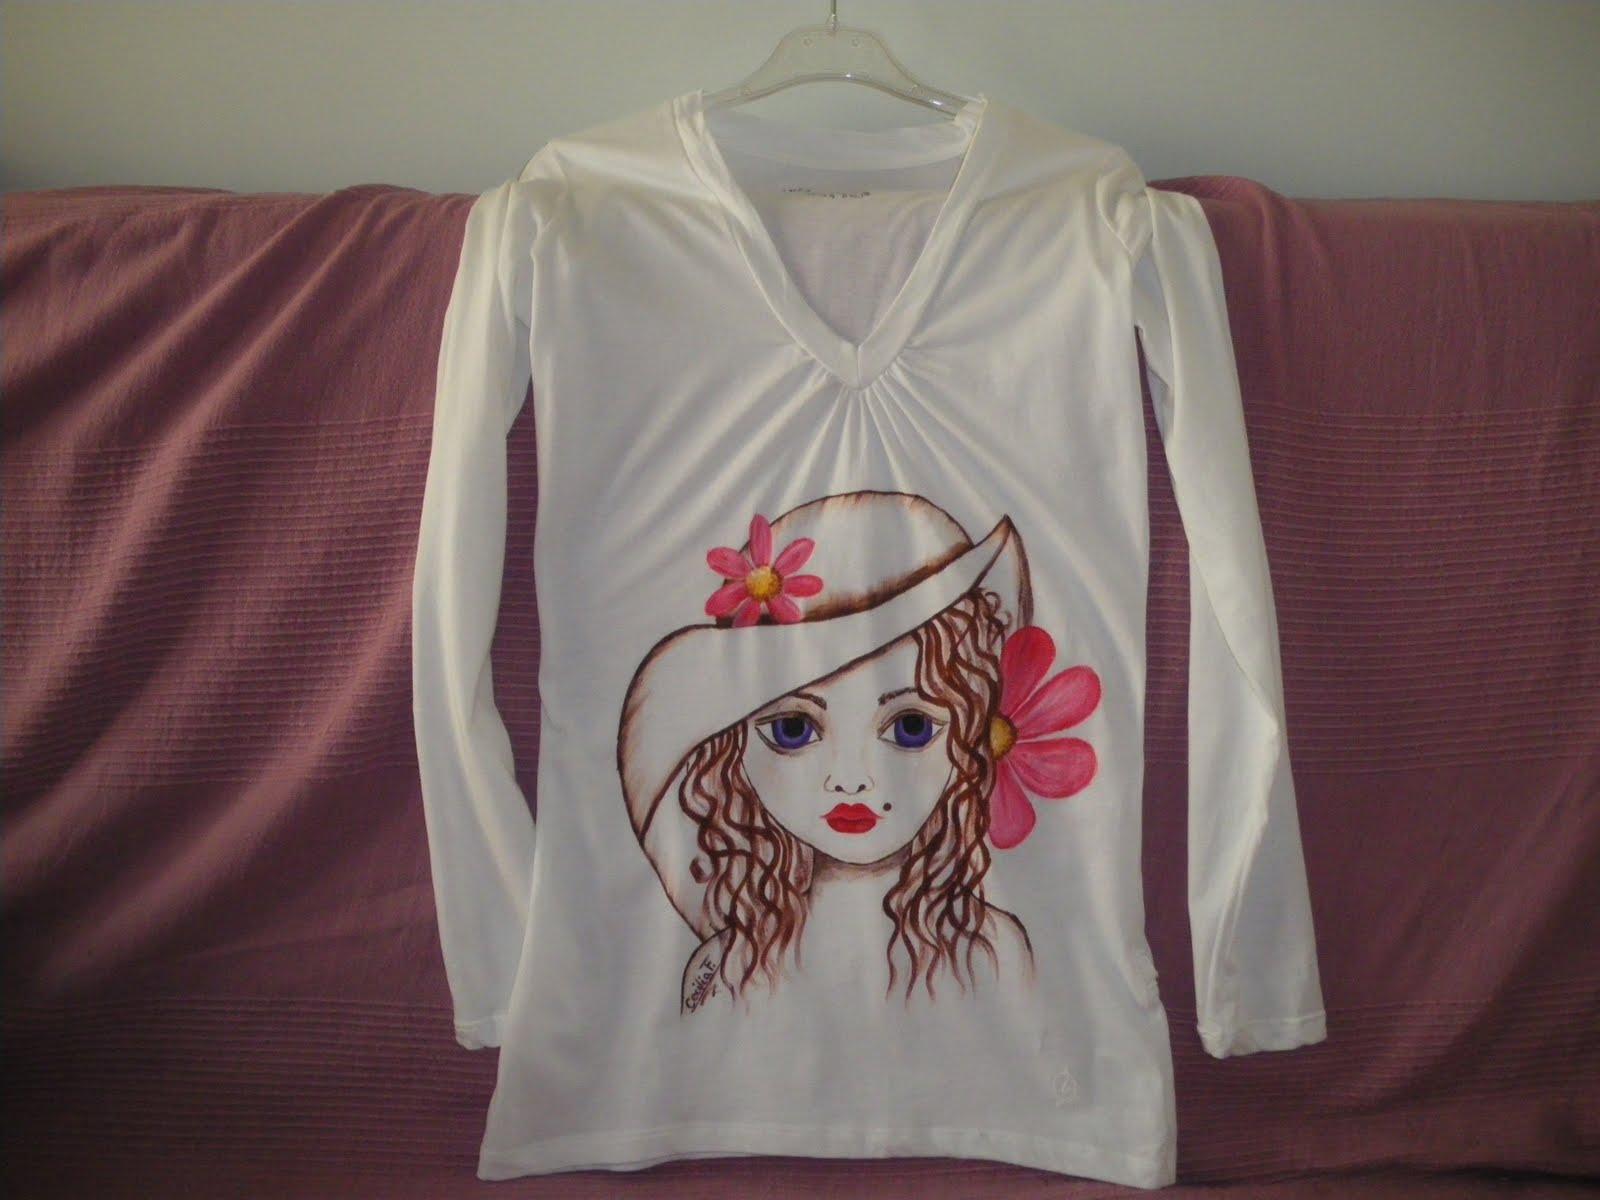 Pintura en camisetas imagui - Pintura para camisetas ...